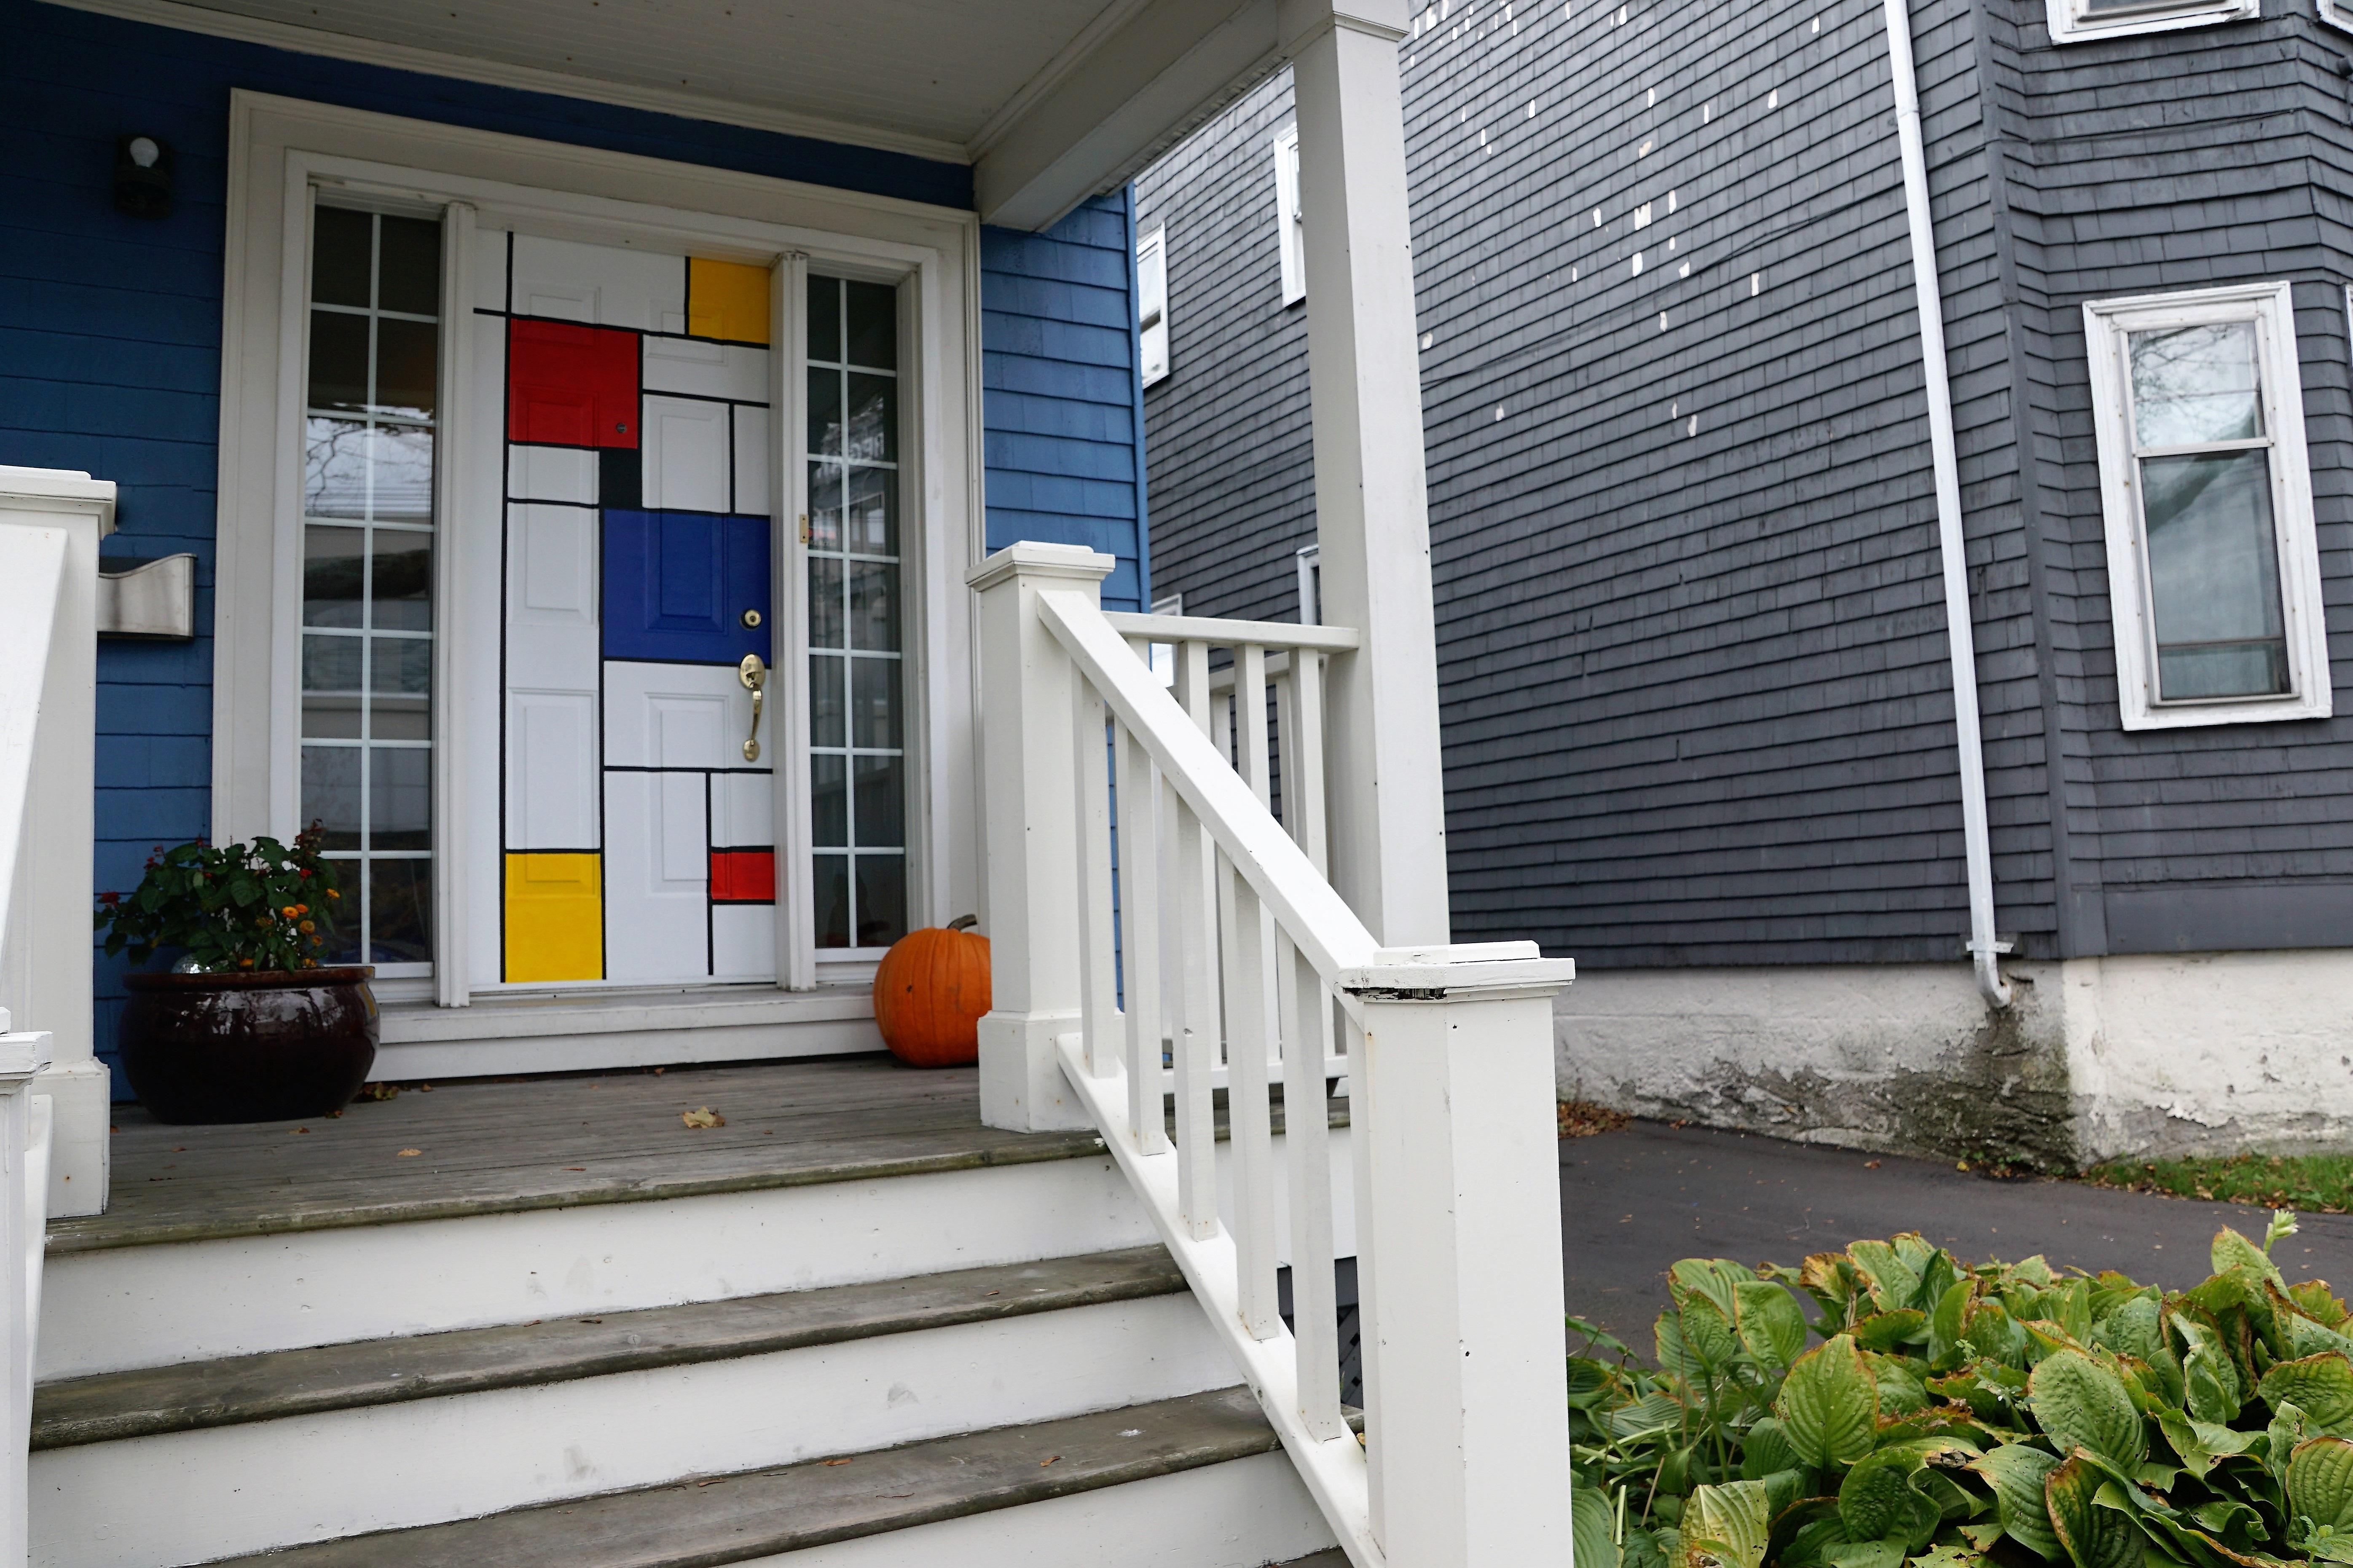 Porche Bois Maison images gratuites : plate-forme, bois, maison, porche, passerelle